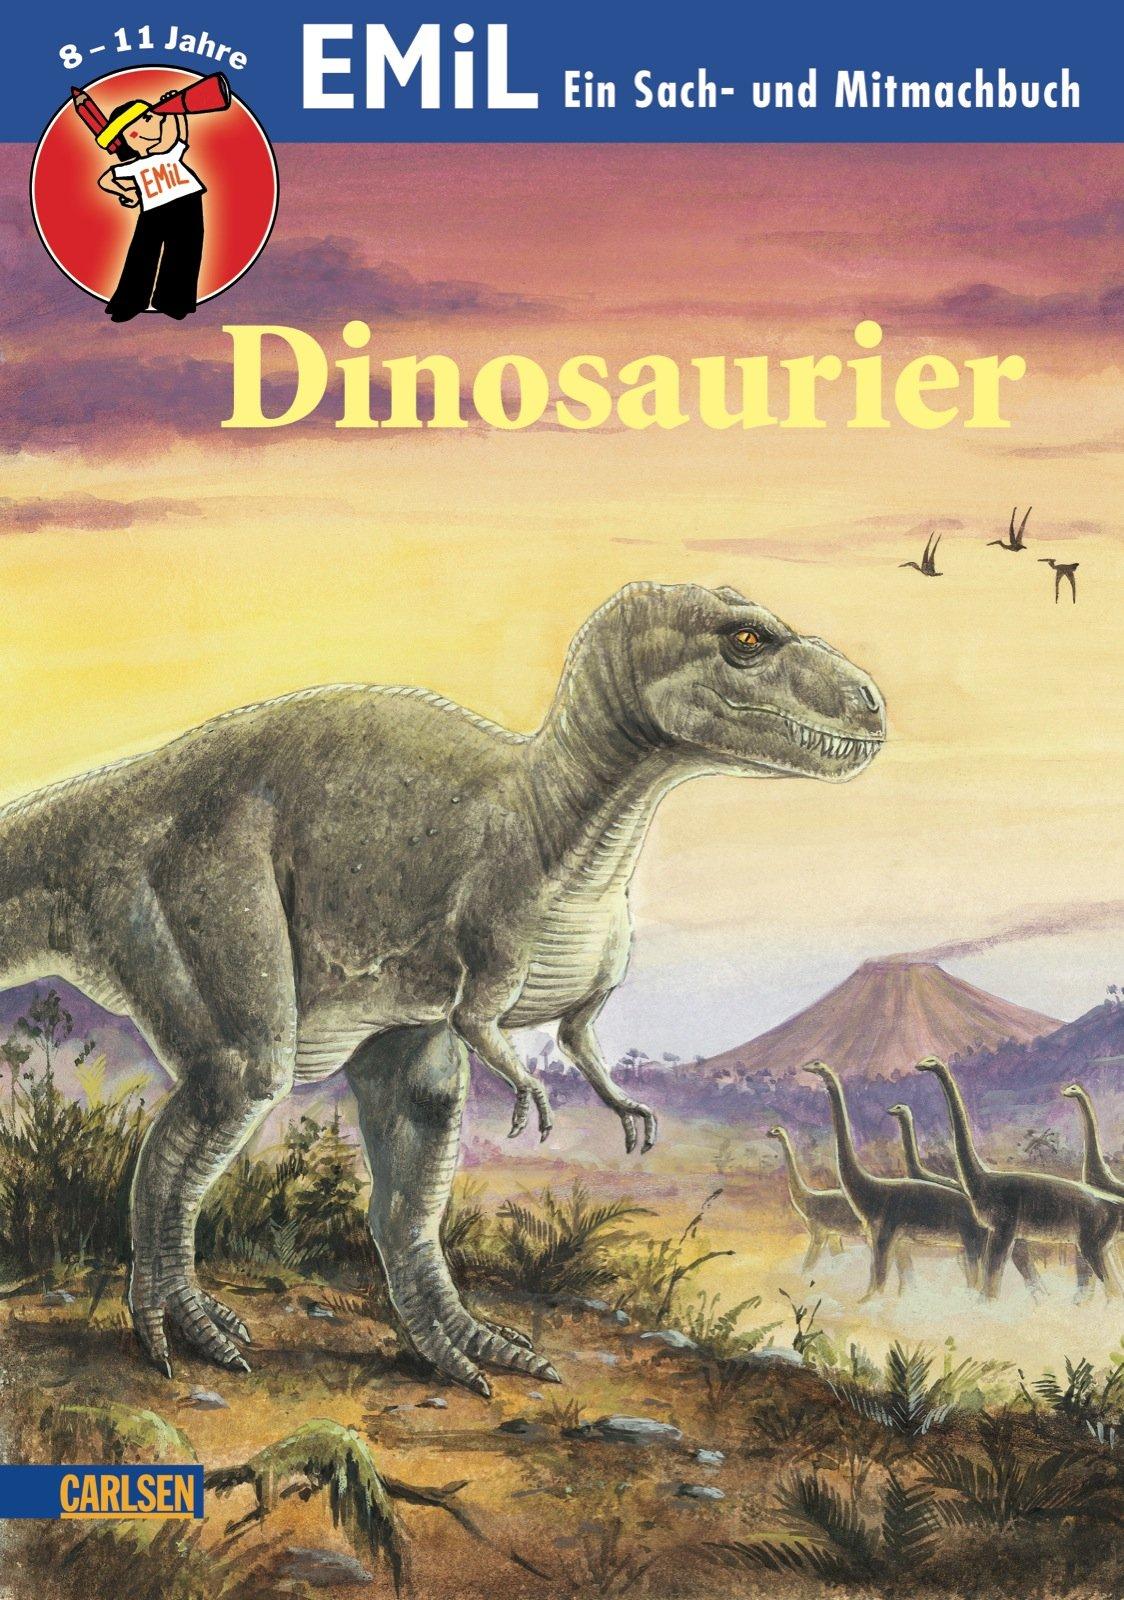 Sach- und Mitmachbuch: Dinosaurier